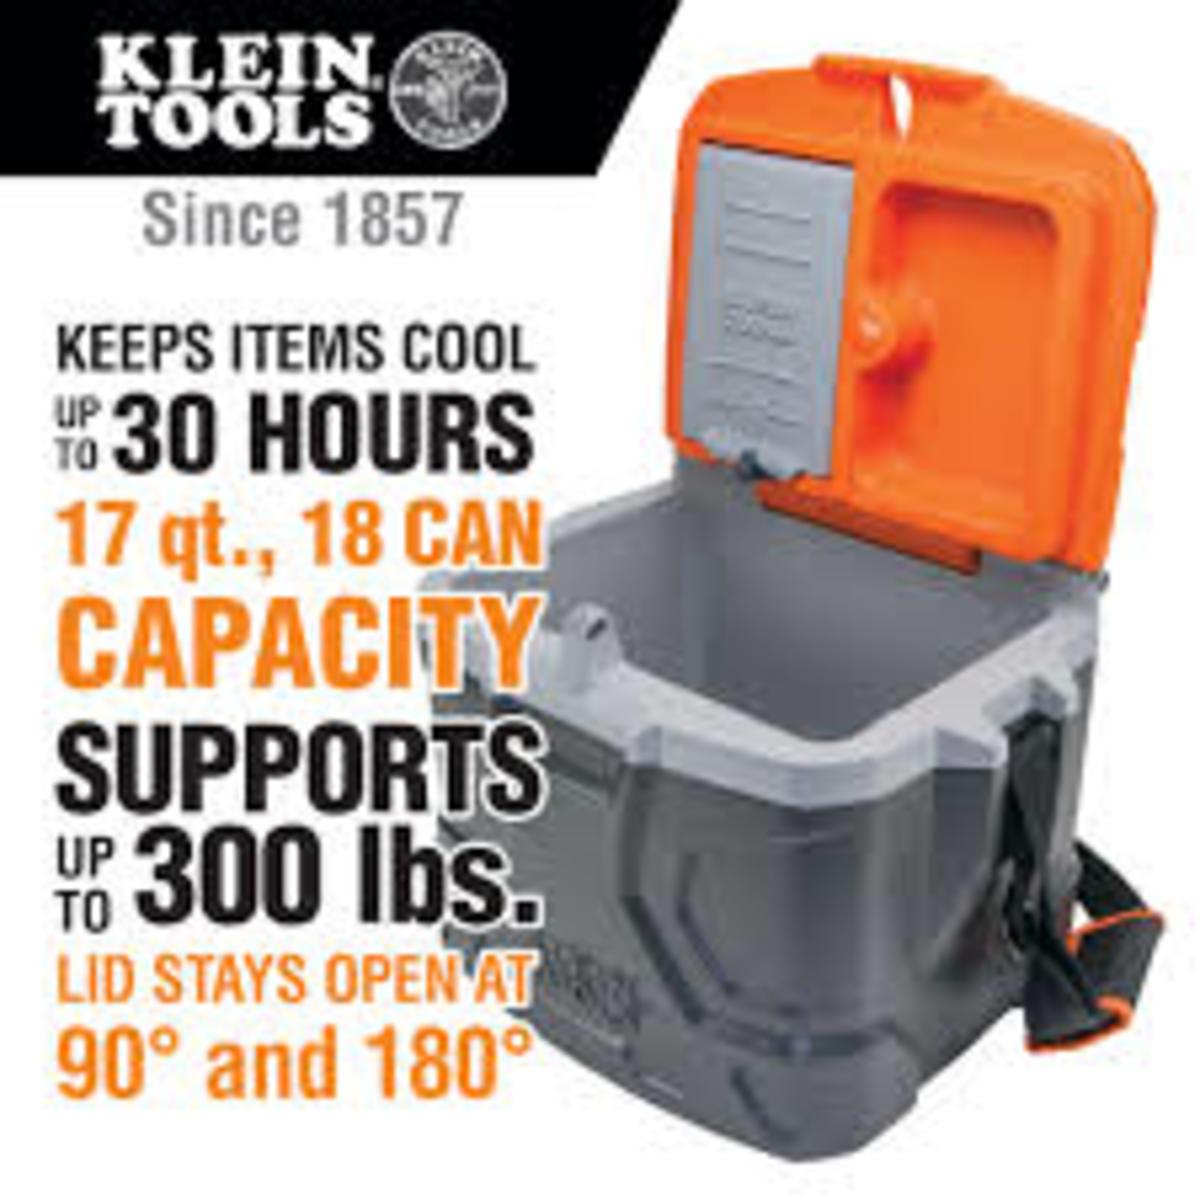 The Klein Tools Tradesman Pro